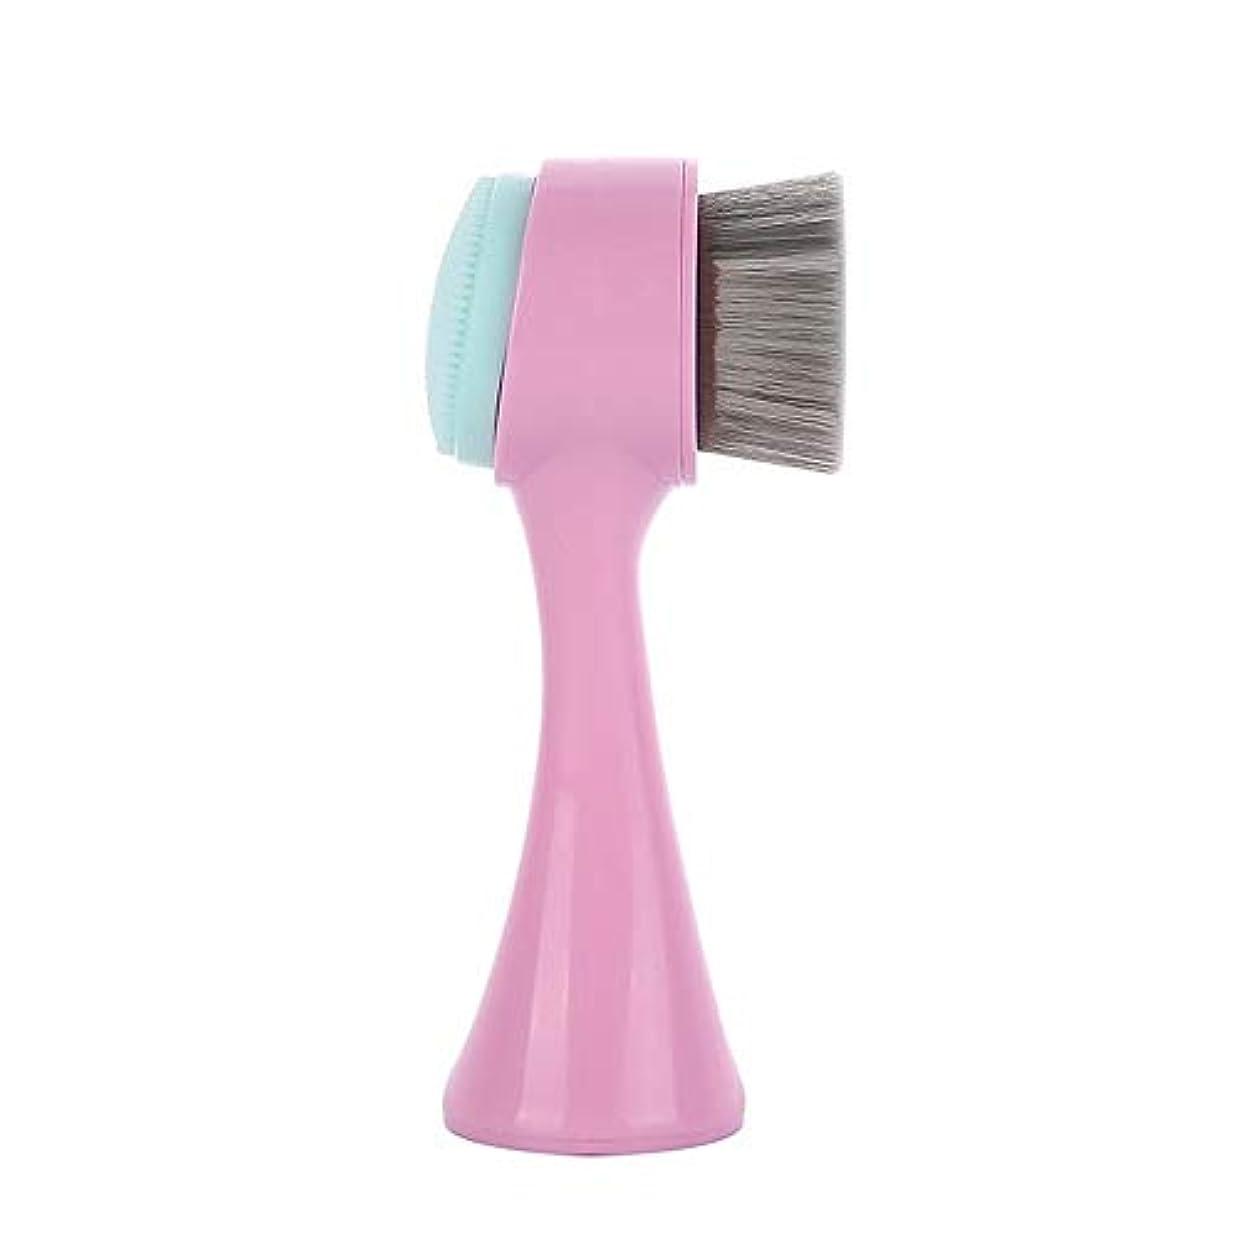 捨てる寝室を掃除する見てLYX 新しい立ちマニュアルクレンジング器、竹炭クリーニングブラシ、ブラックヘッドクレンジングブラシ、クレンジングブラシ洗浄ツール (Color : ピンク)